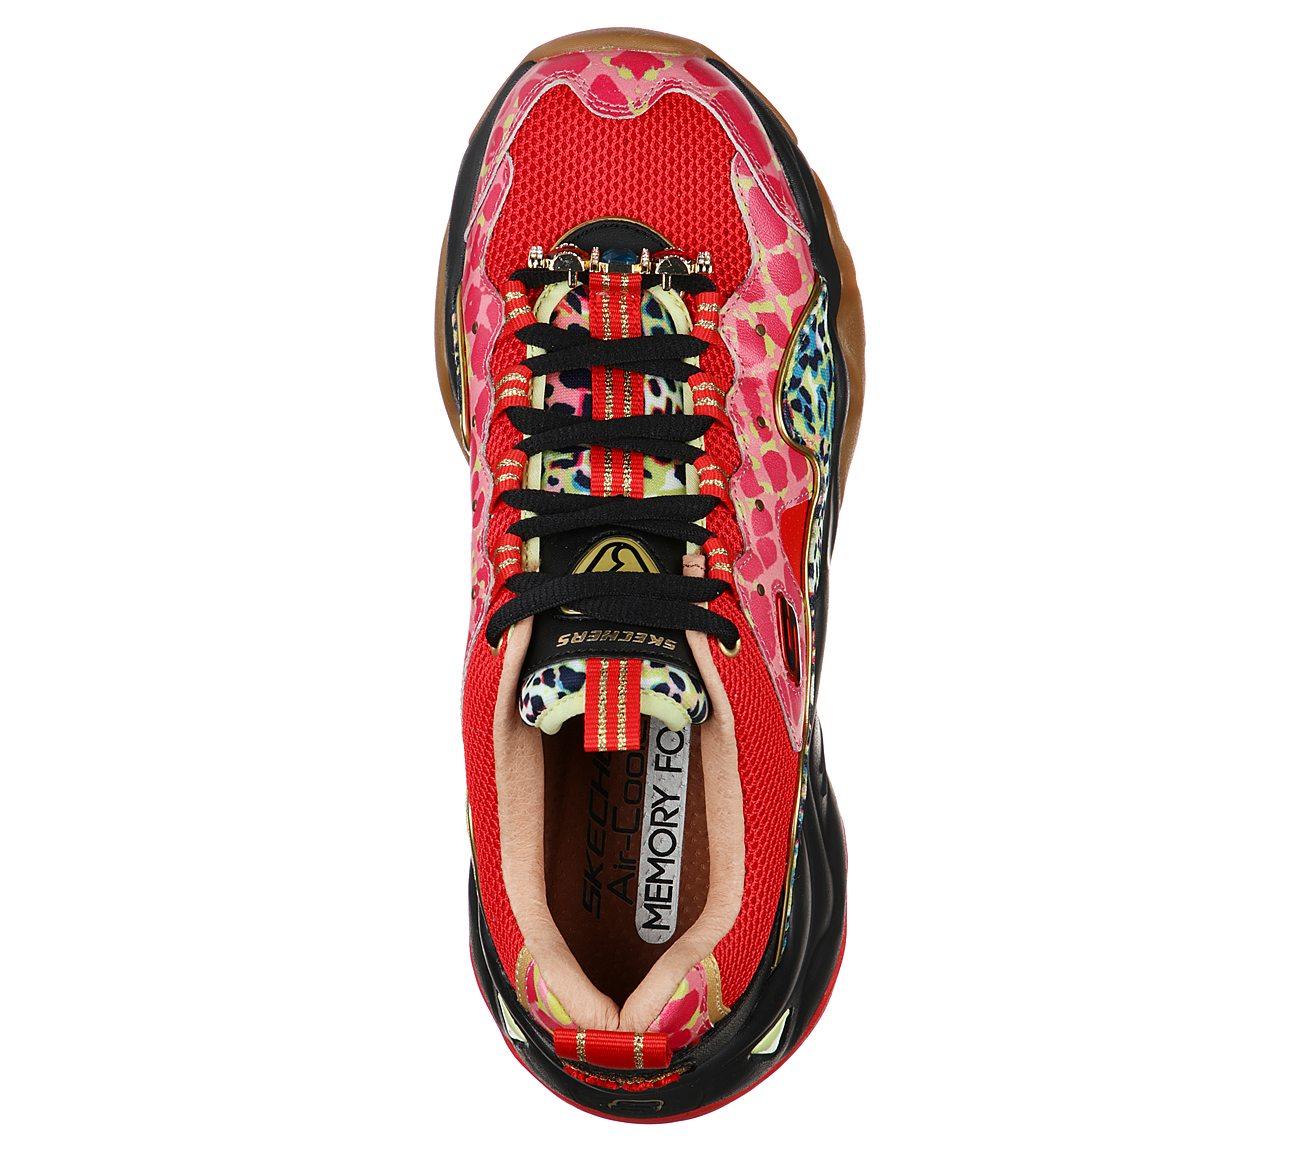 Skechers Premium Heritage: D'Lites 3 Joy Summer